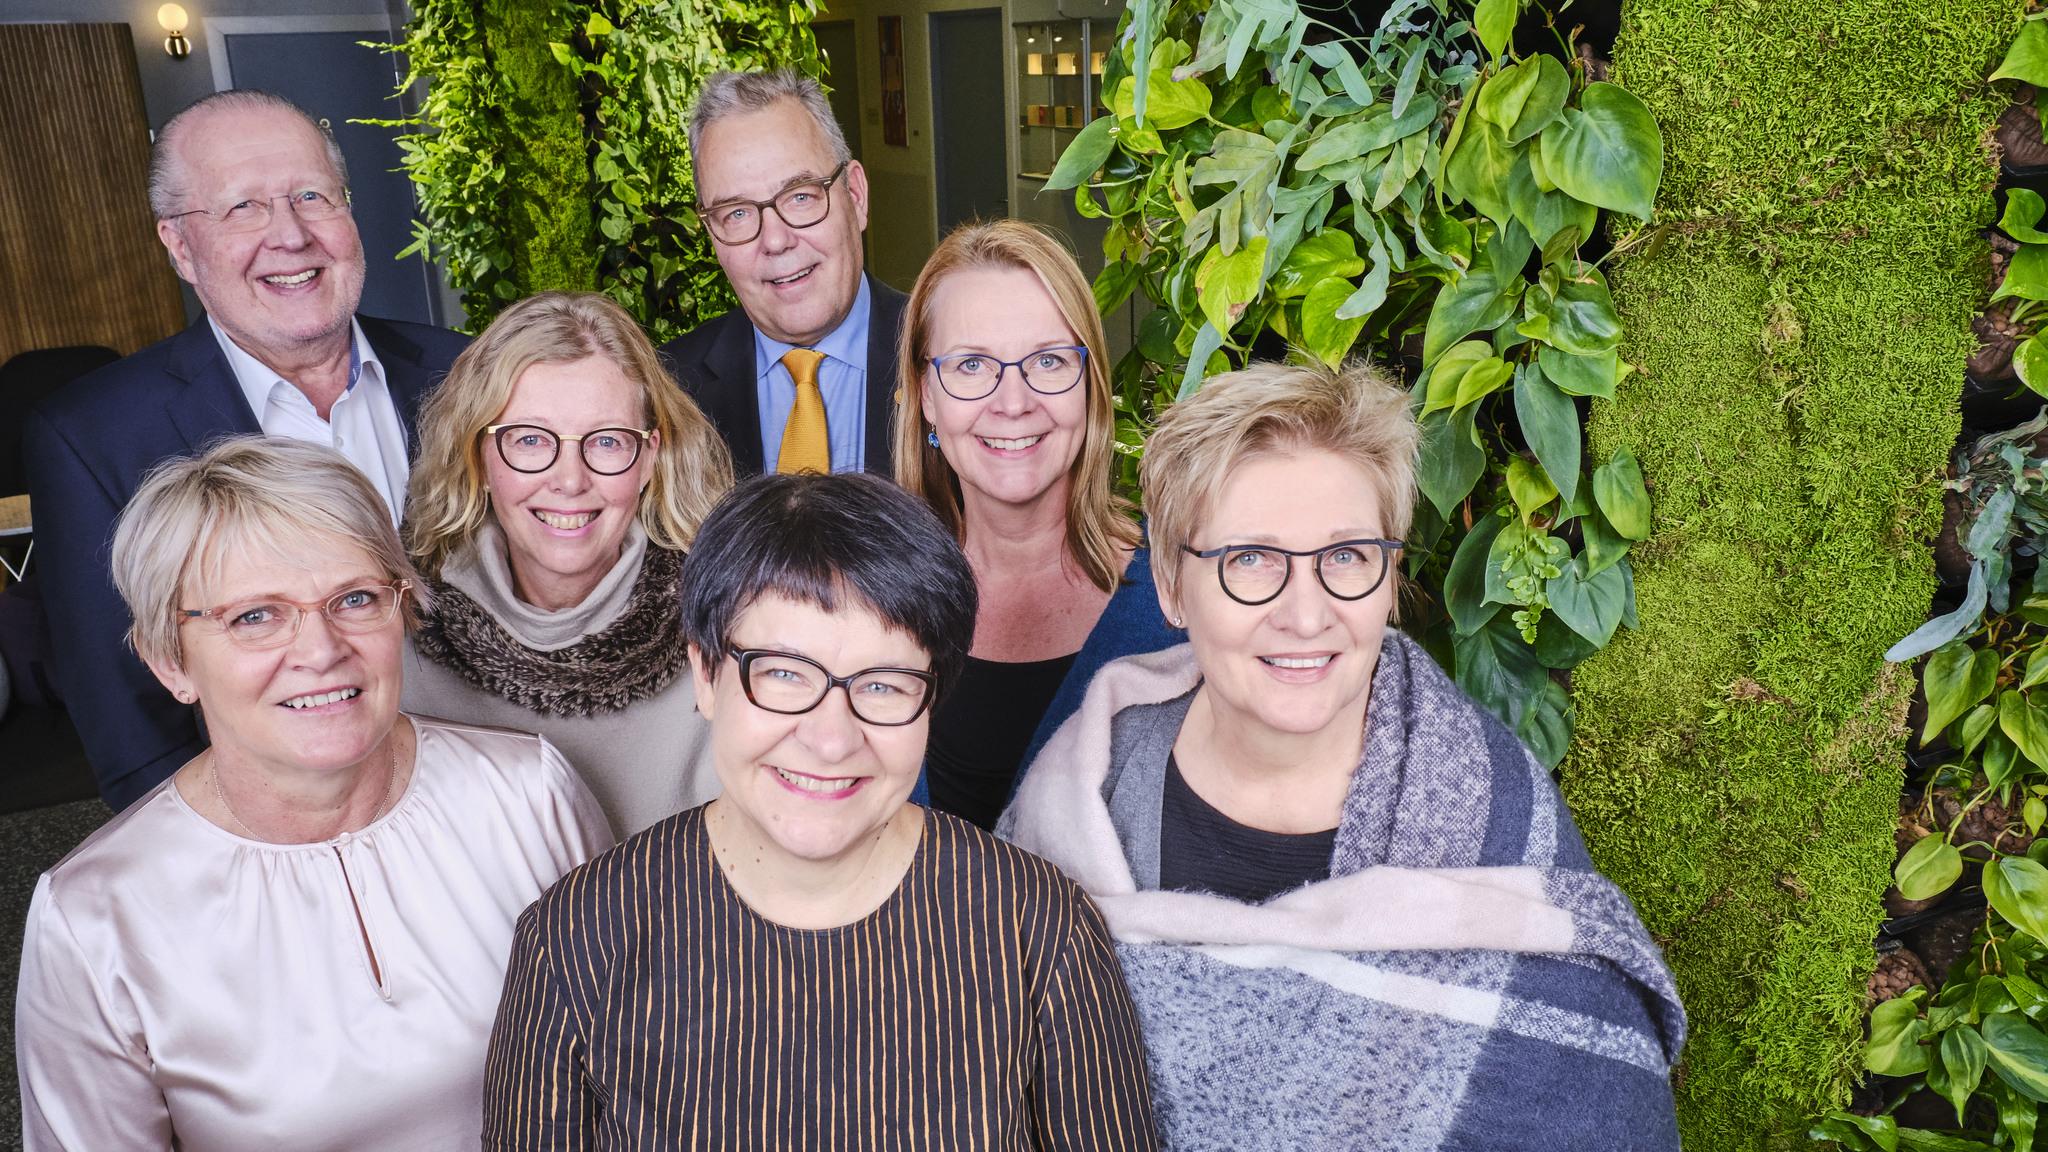 Invalidisäätiön hallituksen jäsenet ylhäältä vasemmaltaVesa Ekroos, Timo Sairanen, Satu Mehtälä, Kaisa Vuorio, Riitta Vänskä, Tarja Filatov ja Eija Honkanen.